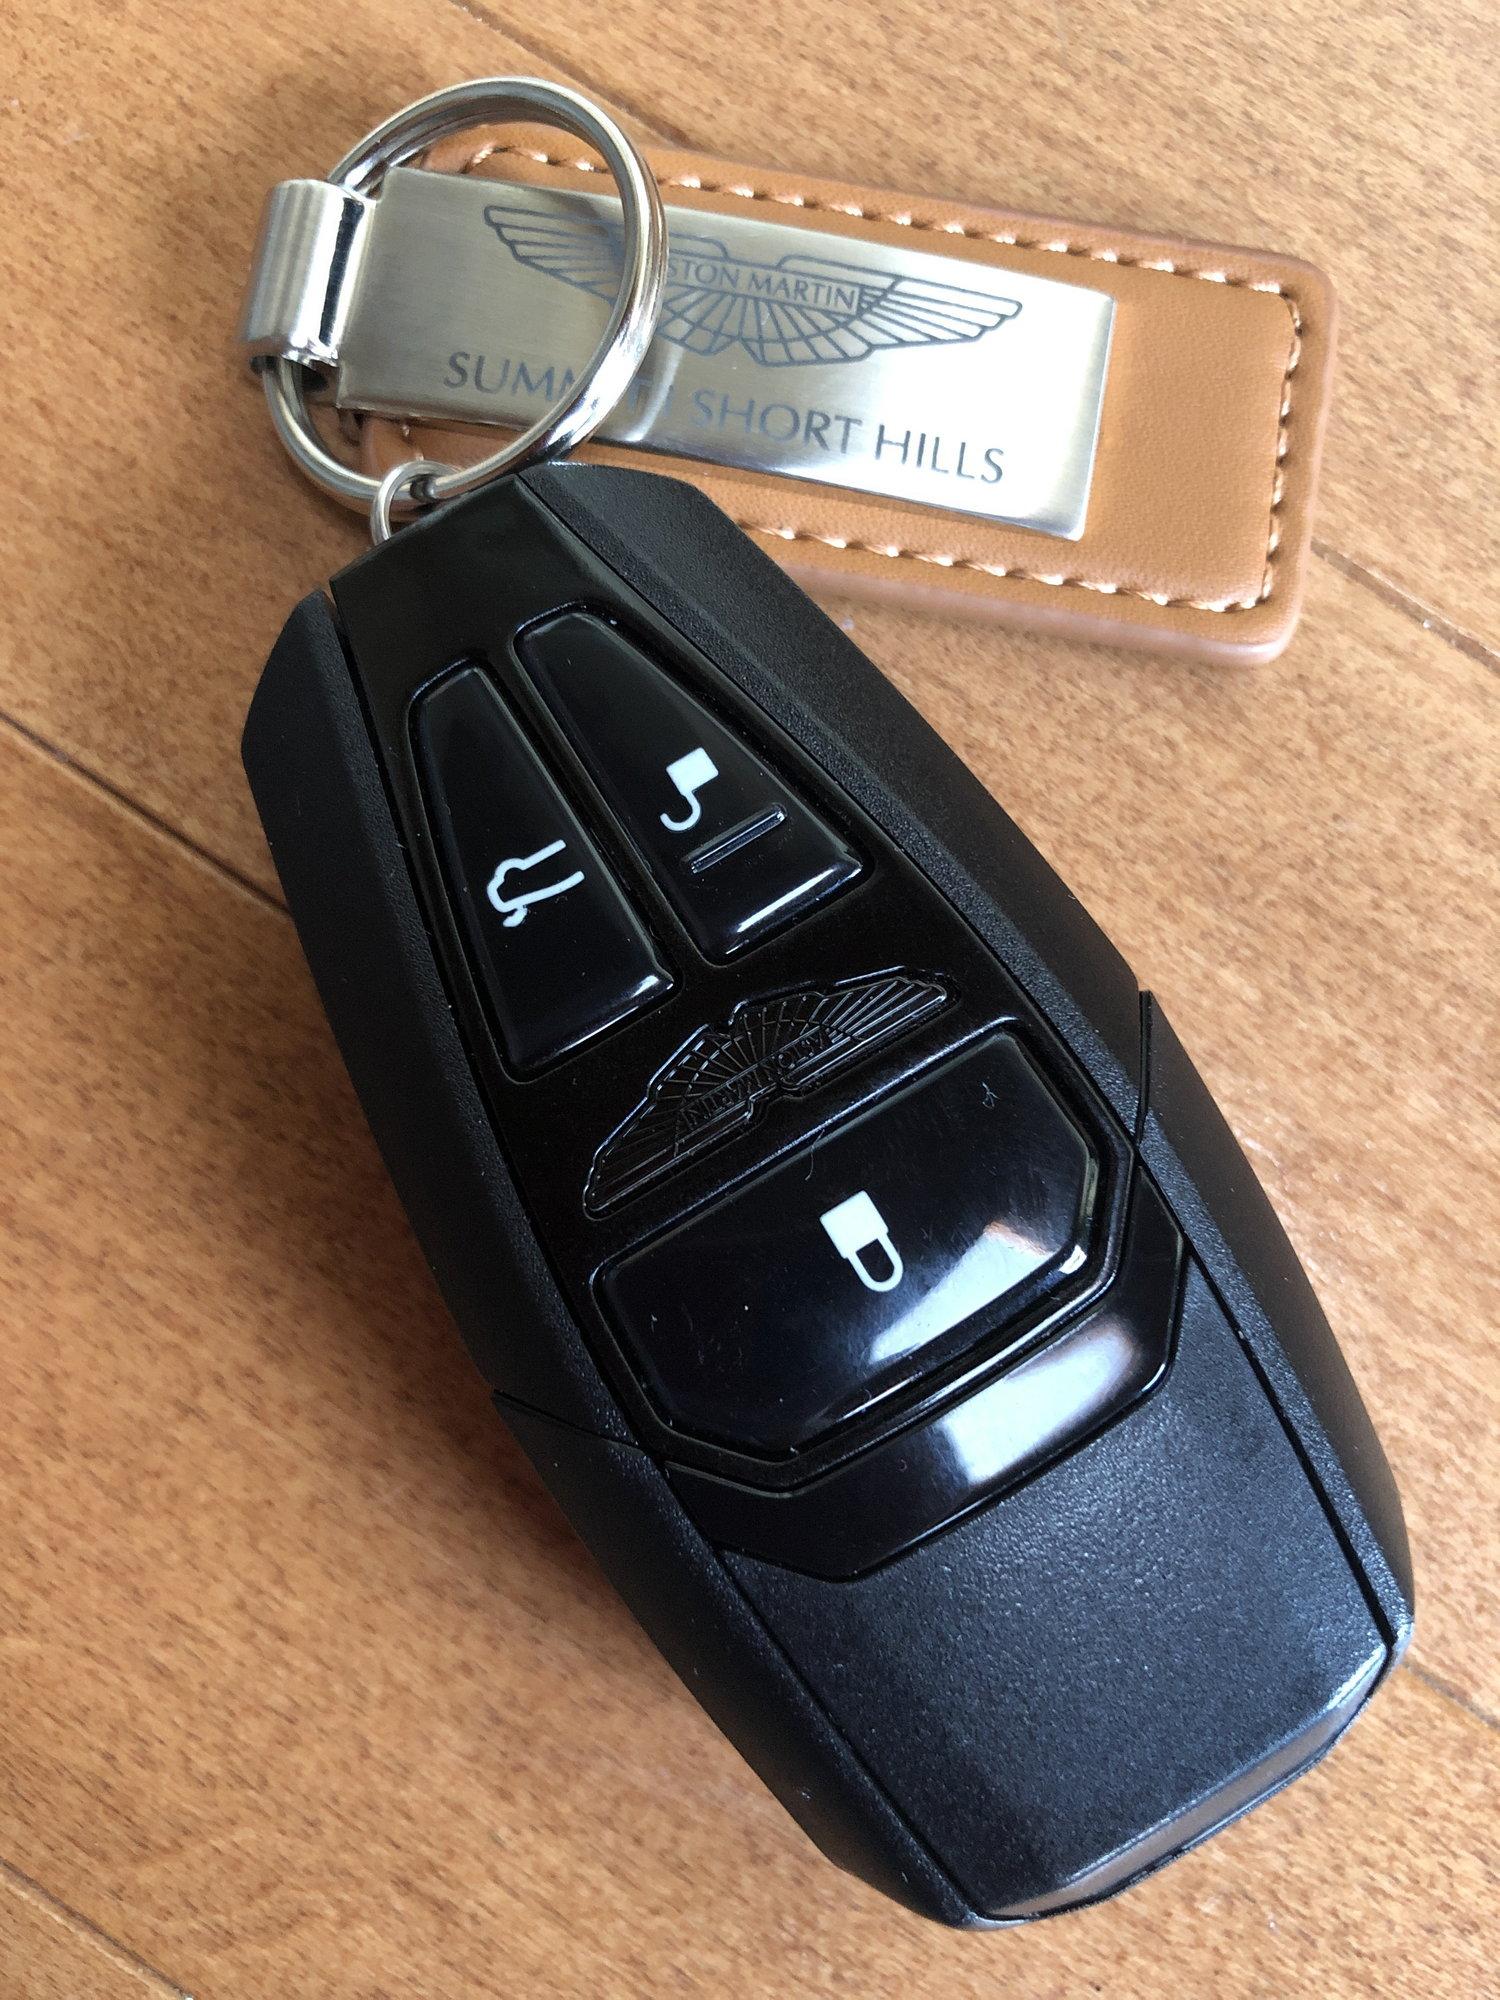 New Aston Martin Vantage Key 6speedonline Porsche Forum And Luxury Car Resource